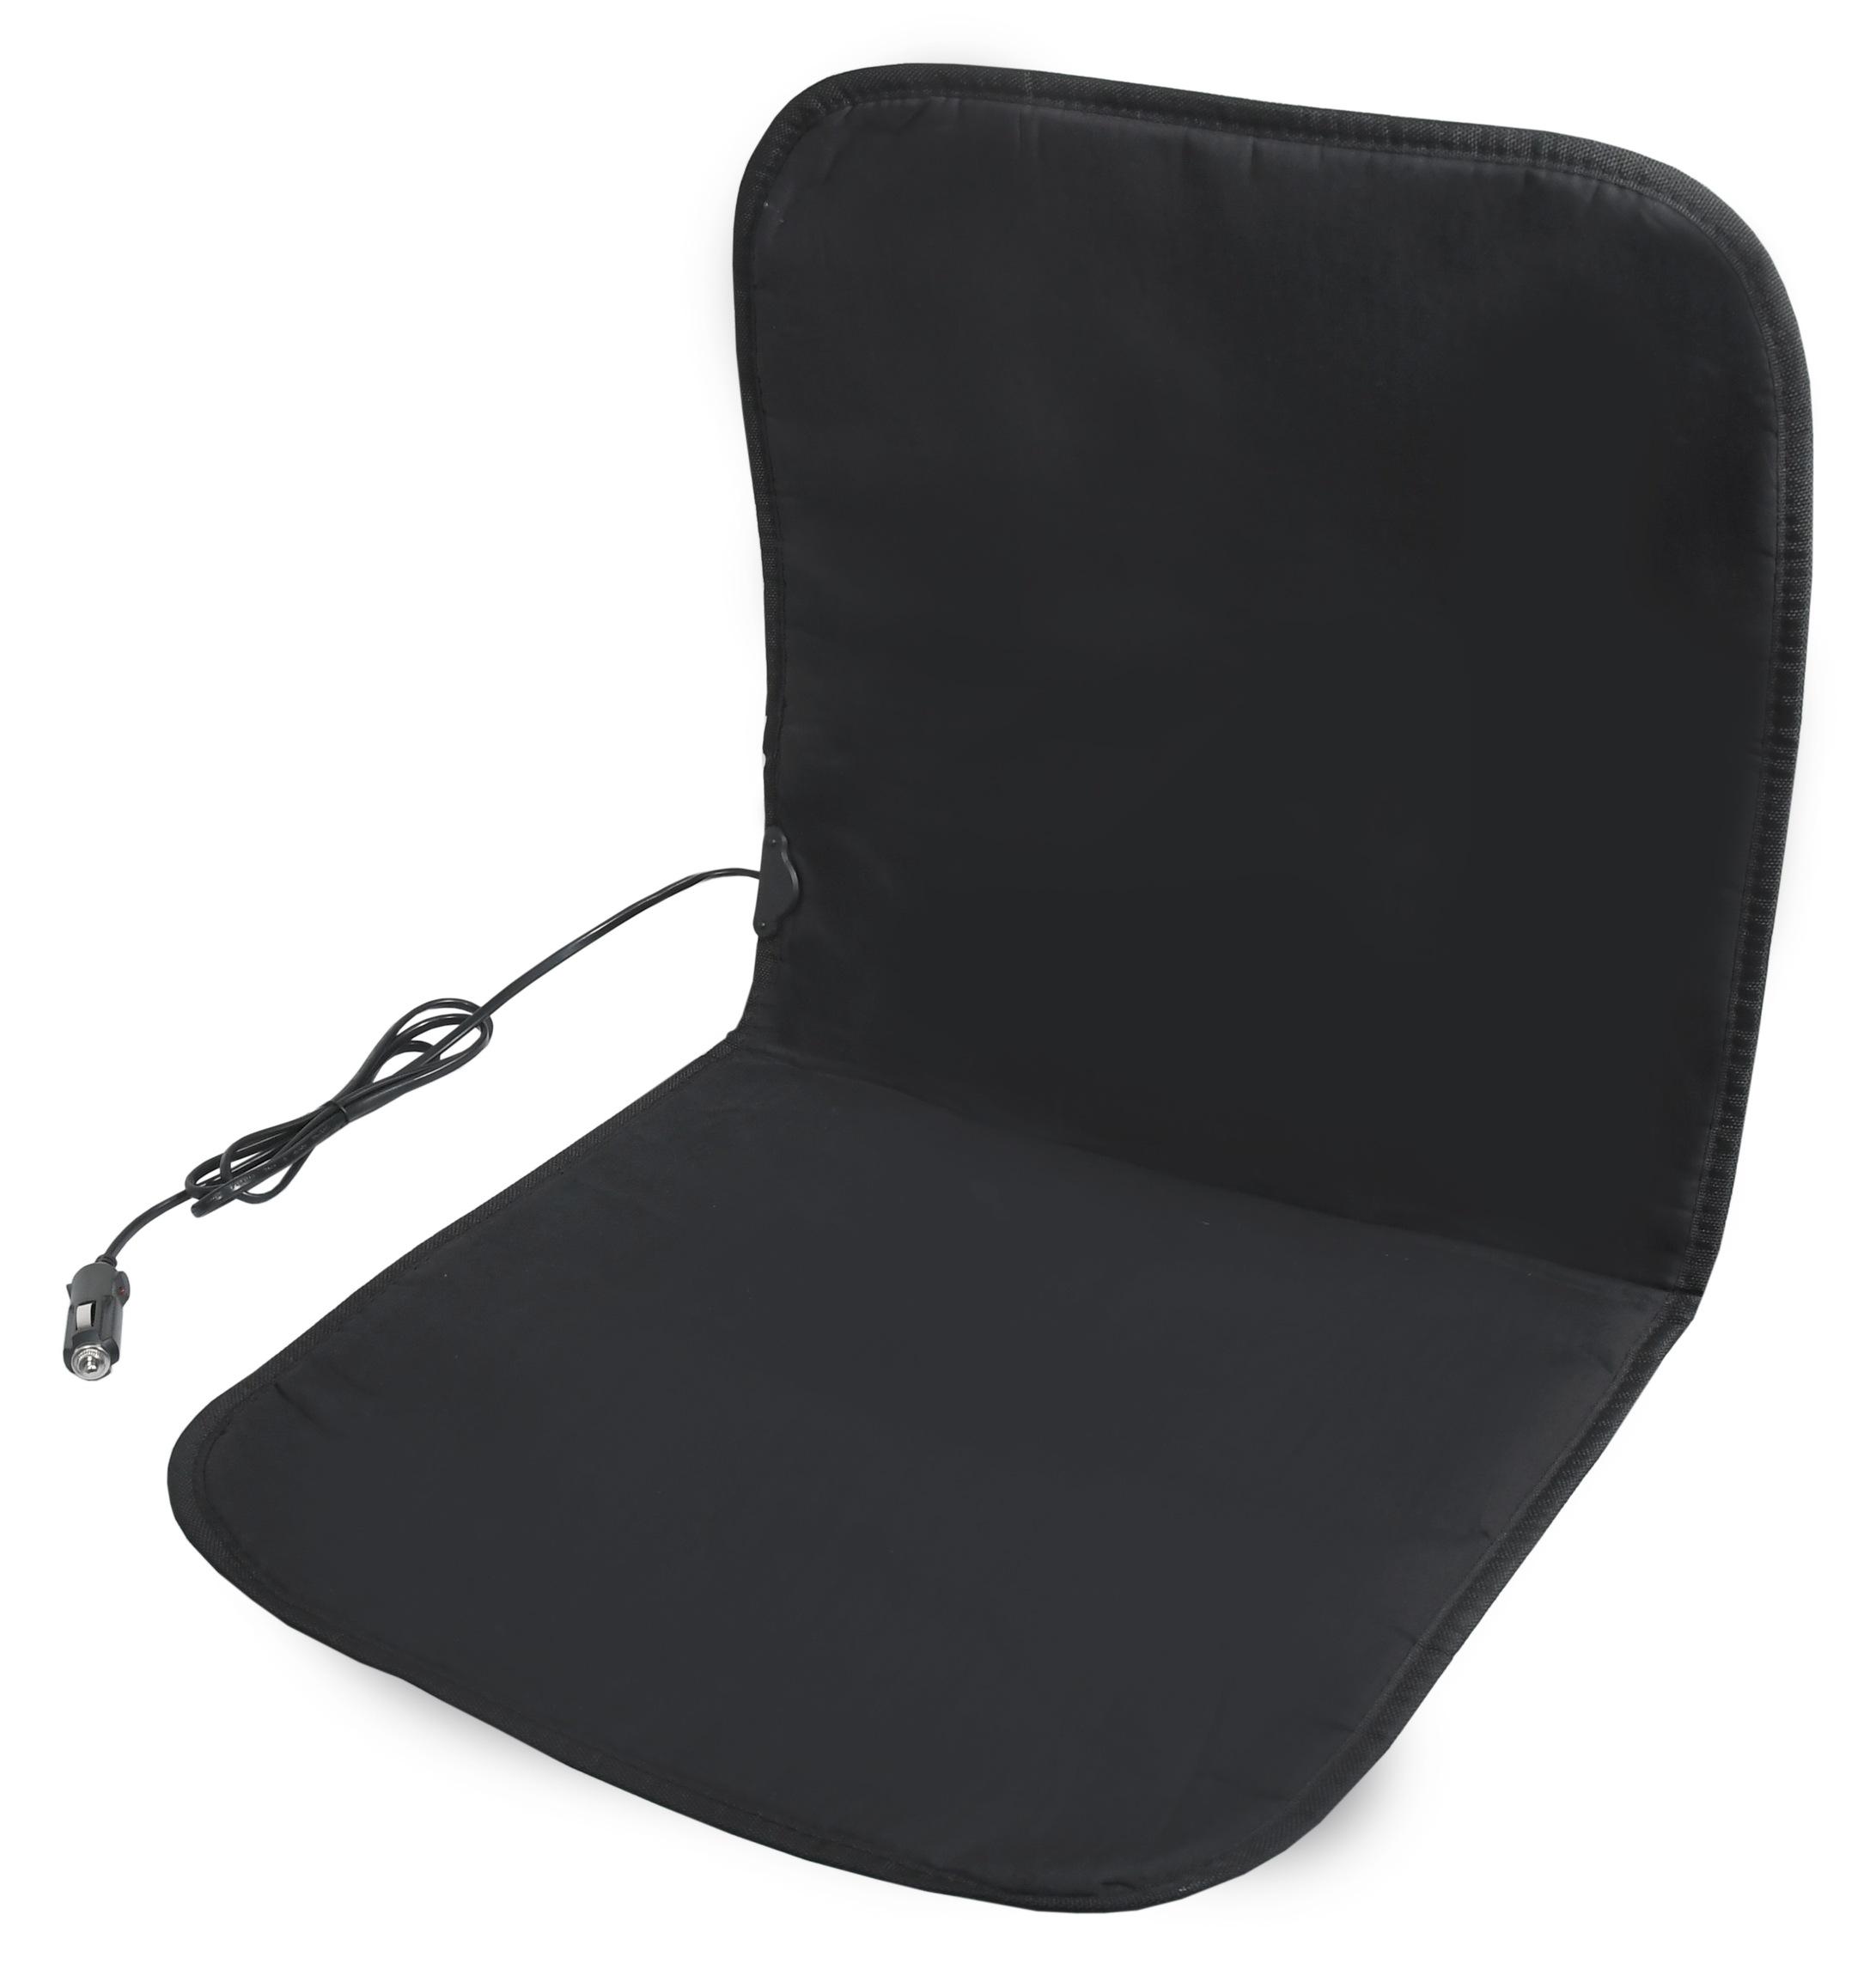 Potah sedadla vyhřívaný 12V BLACK